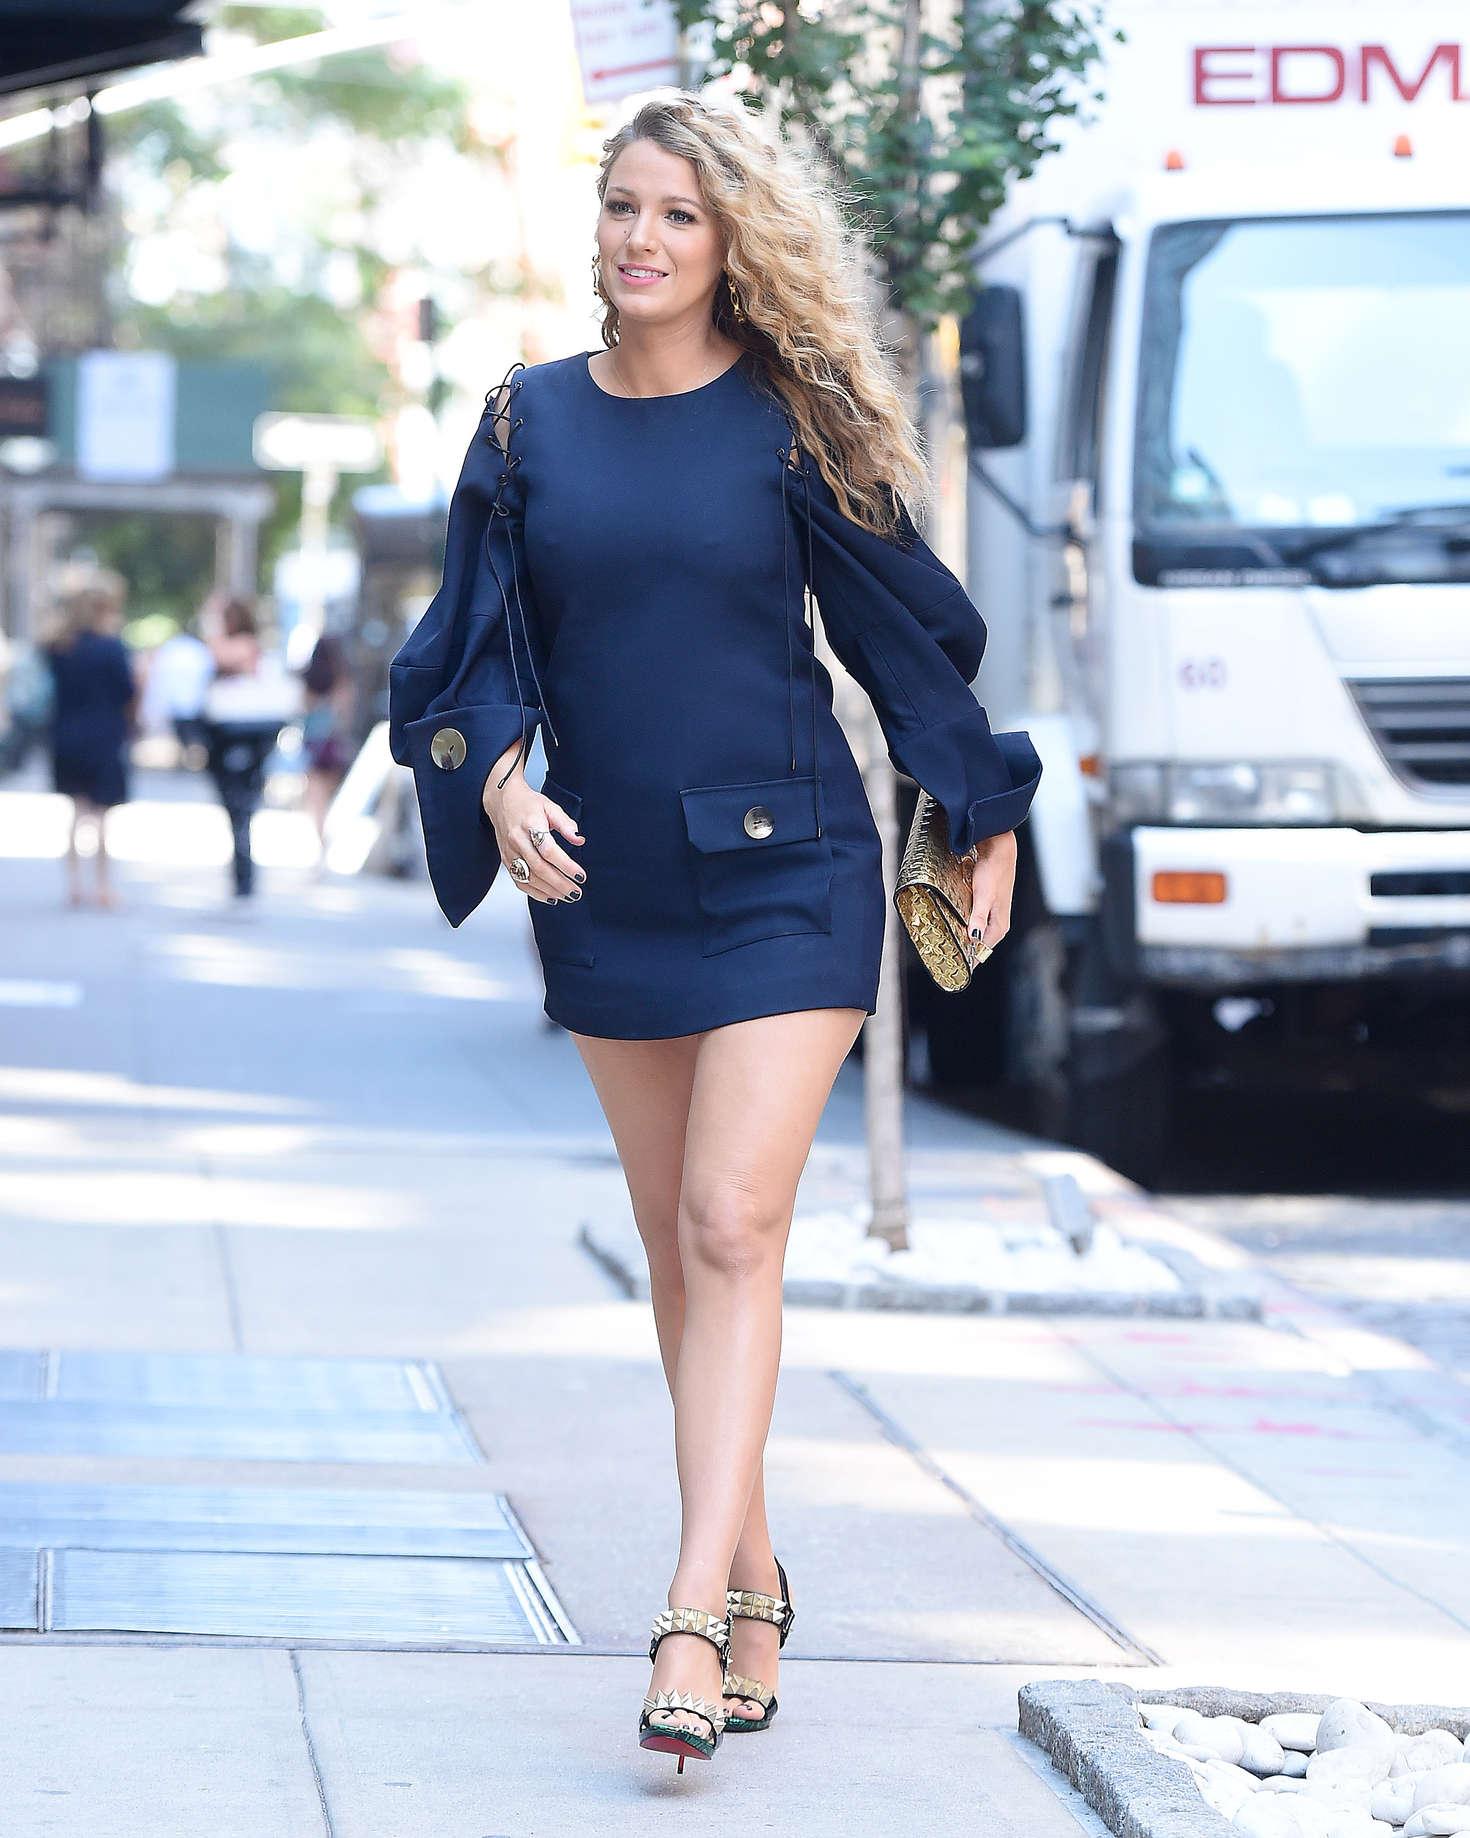 Blake Lively 2016 : Blake Lively in Short Blue Dress -09